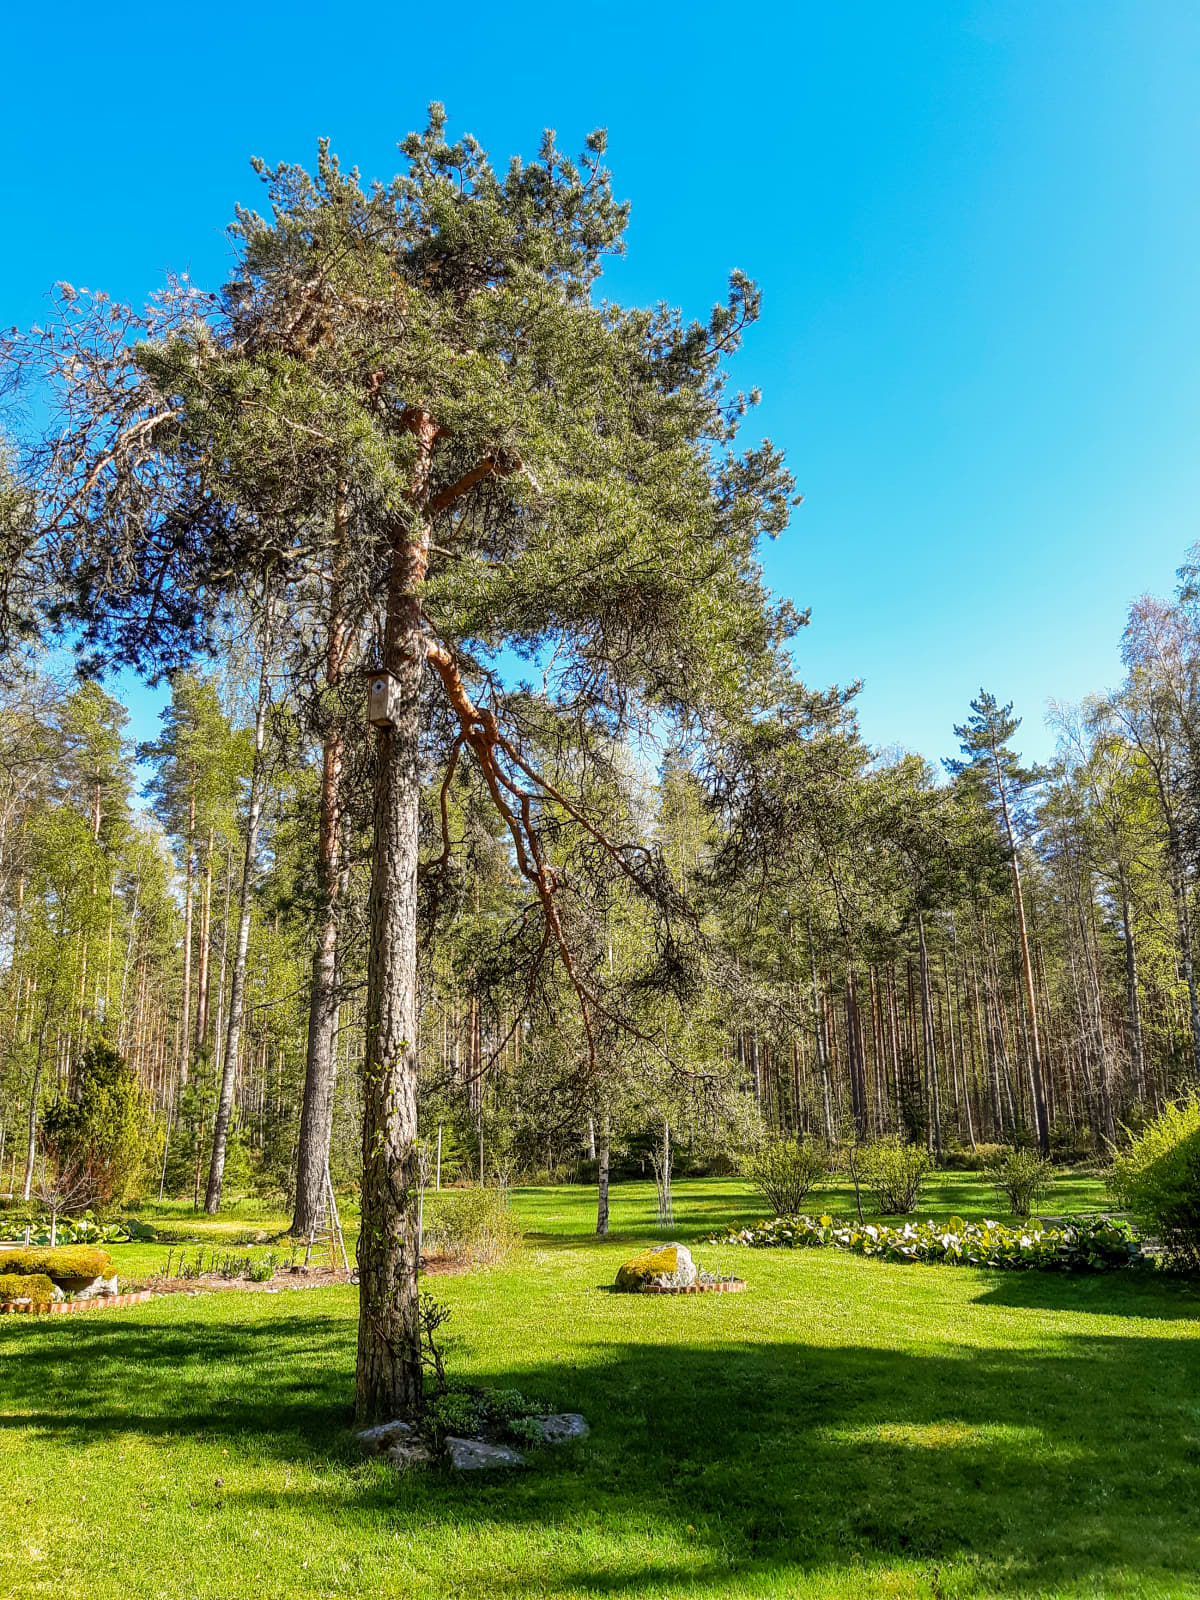 Suomen ihastuttavin puu -finalisti, Papan hevosen kiinnityspuu.